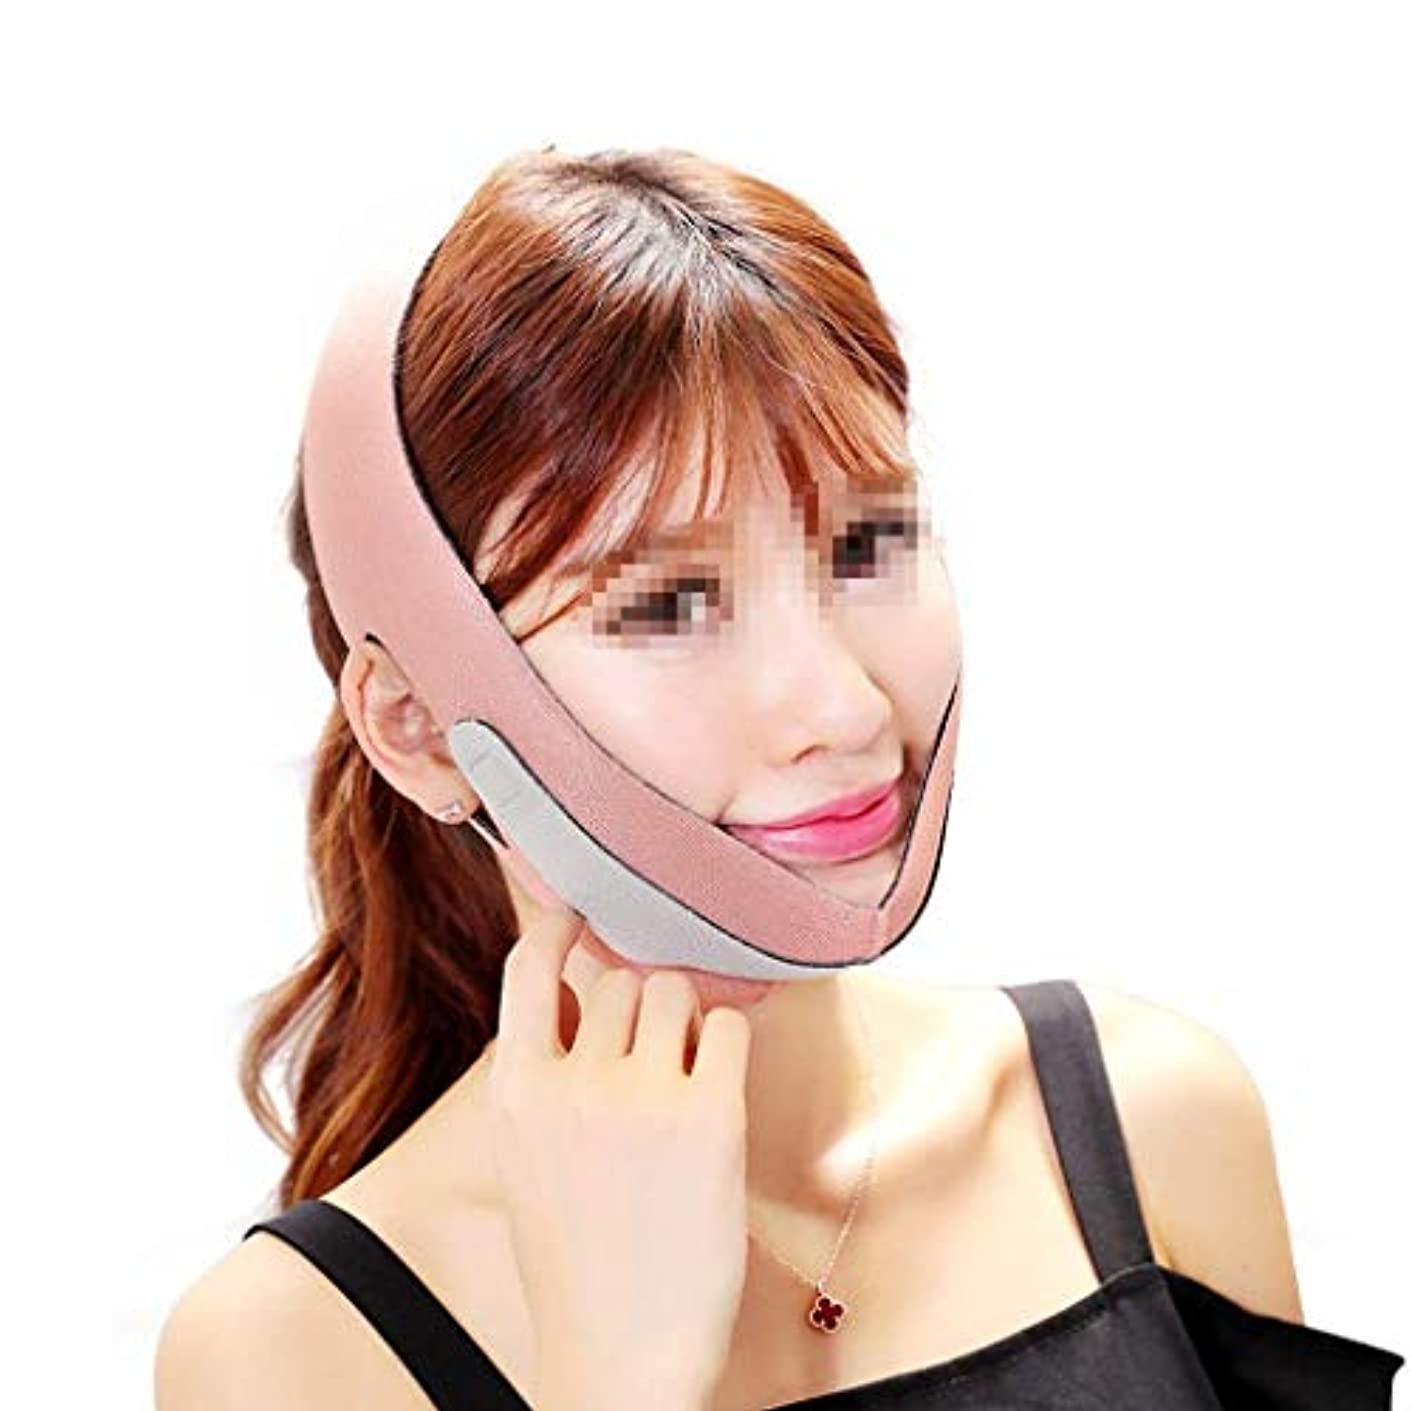 限定マイクロプロセッサ敏感なフェイスリフトマスク、スモールVフェイススリープバンデージマスク薄いダブルチンリフトファーミングスキン